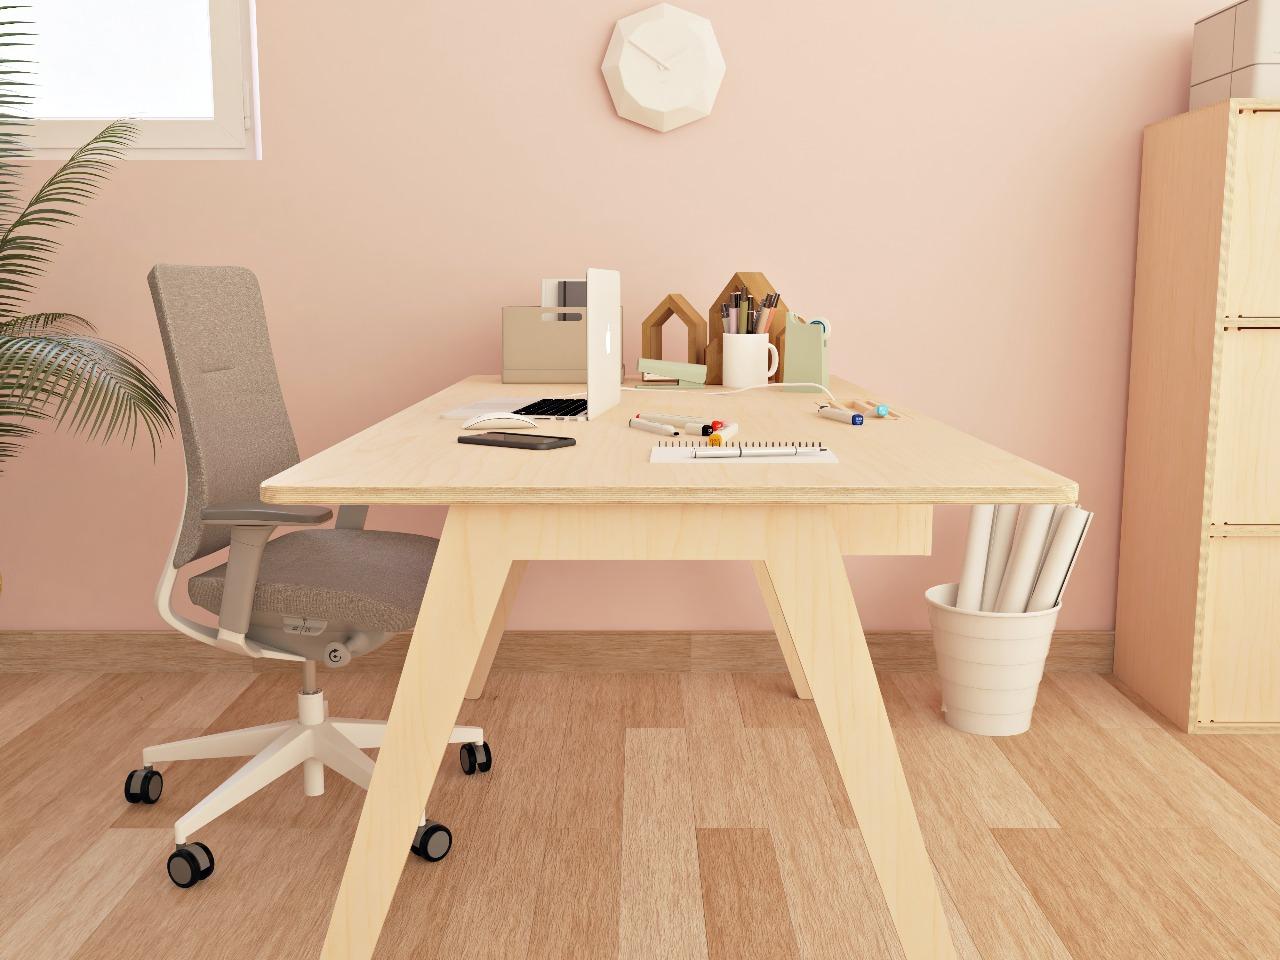 Bureau simple et moderne en bois avec une trappe faisant passer le câble de l'ordinateur, placé dans un espace de travail décoré avec des tons pastels